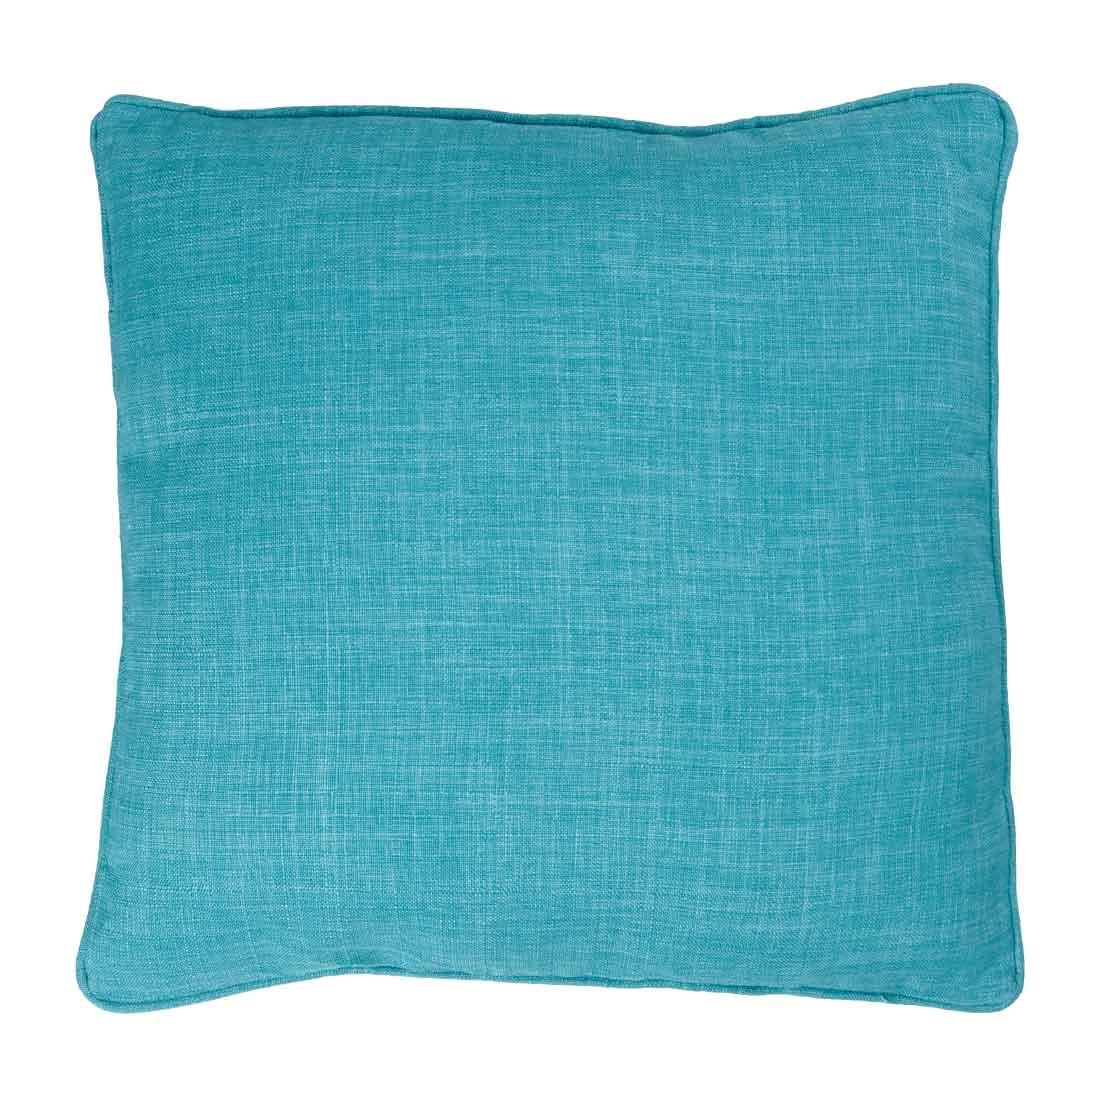 Canberra Turquoise Cushion